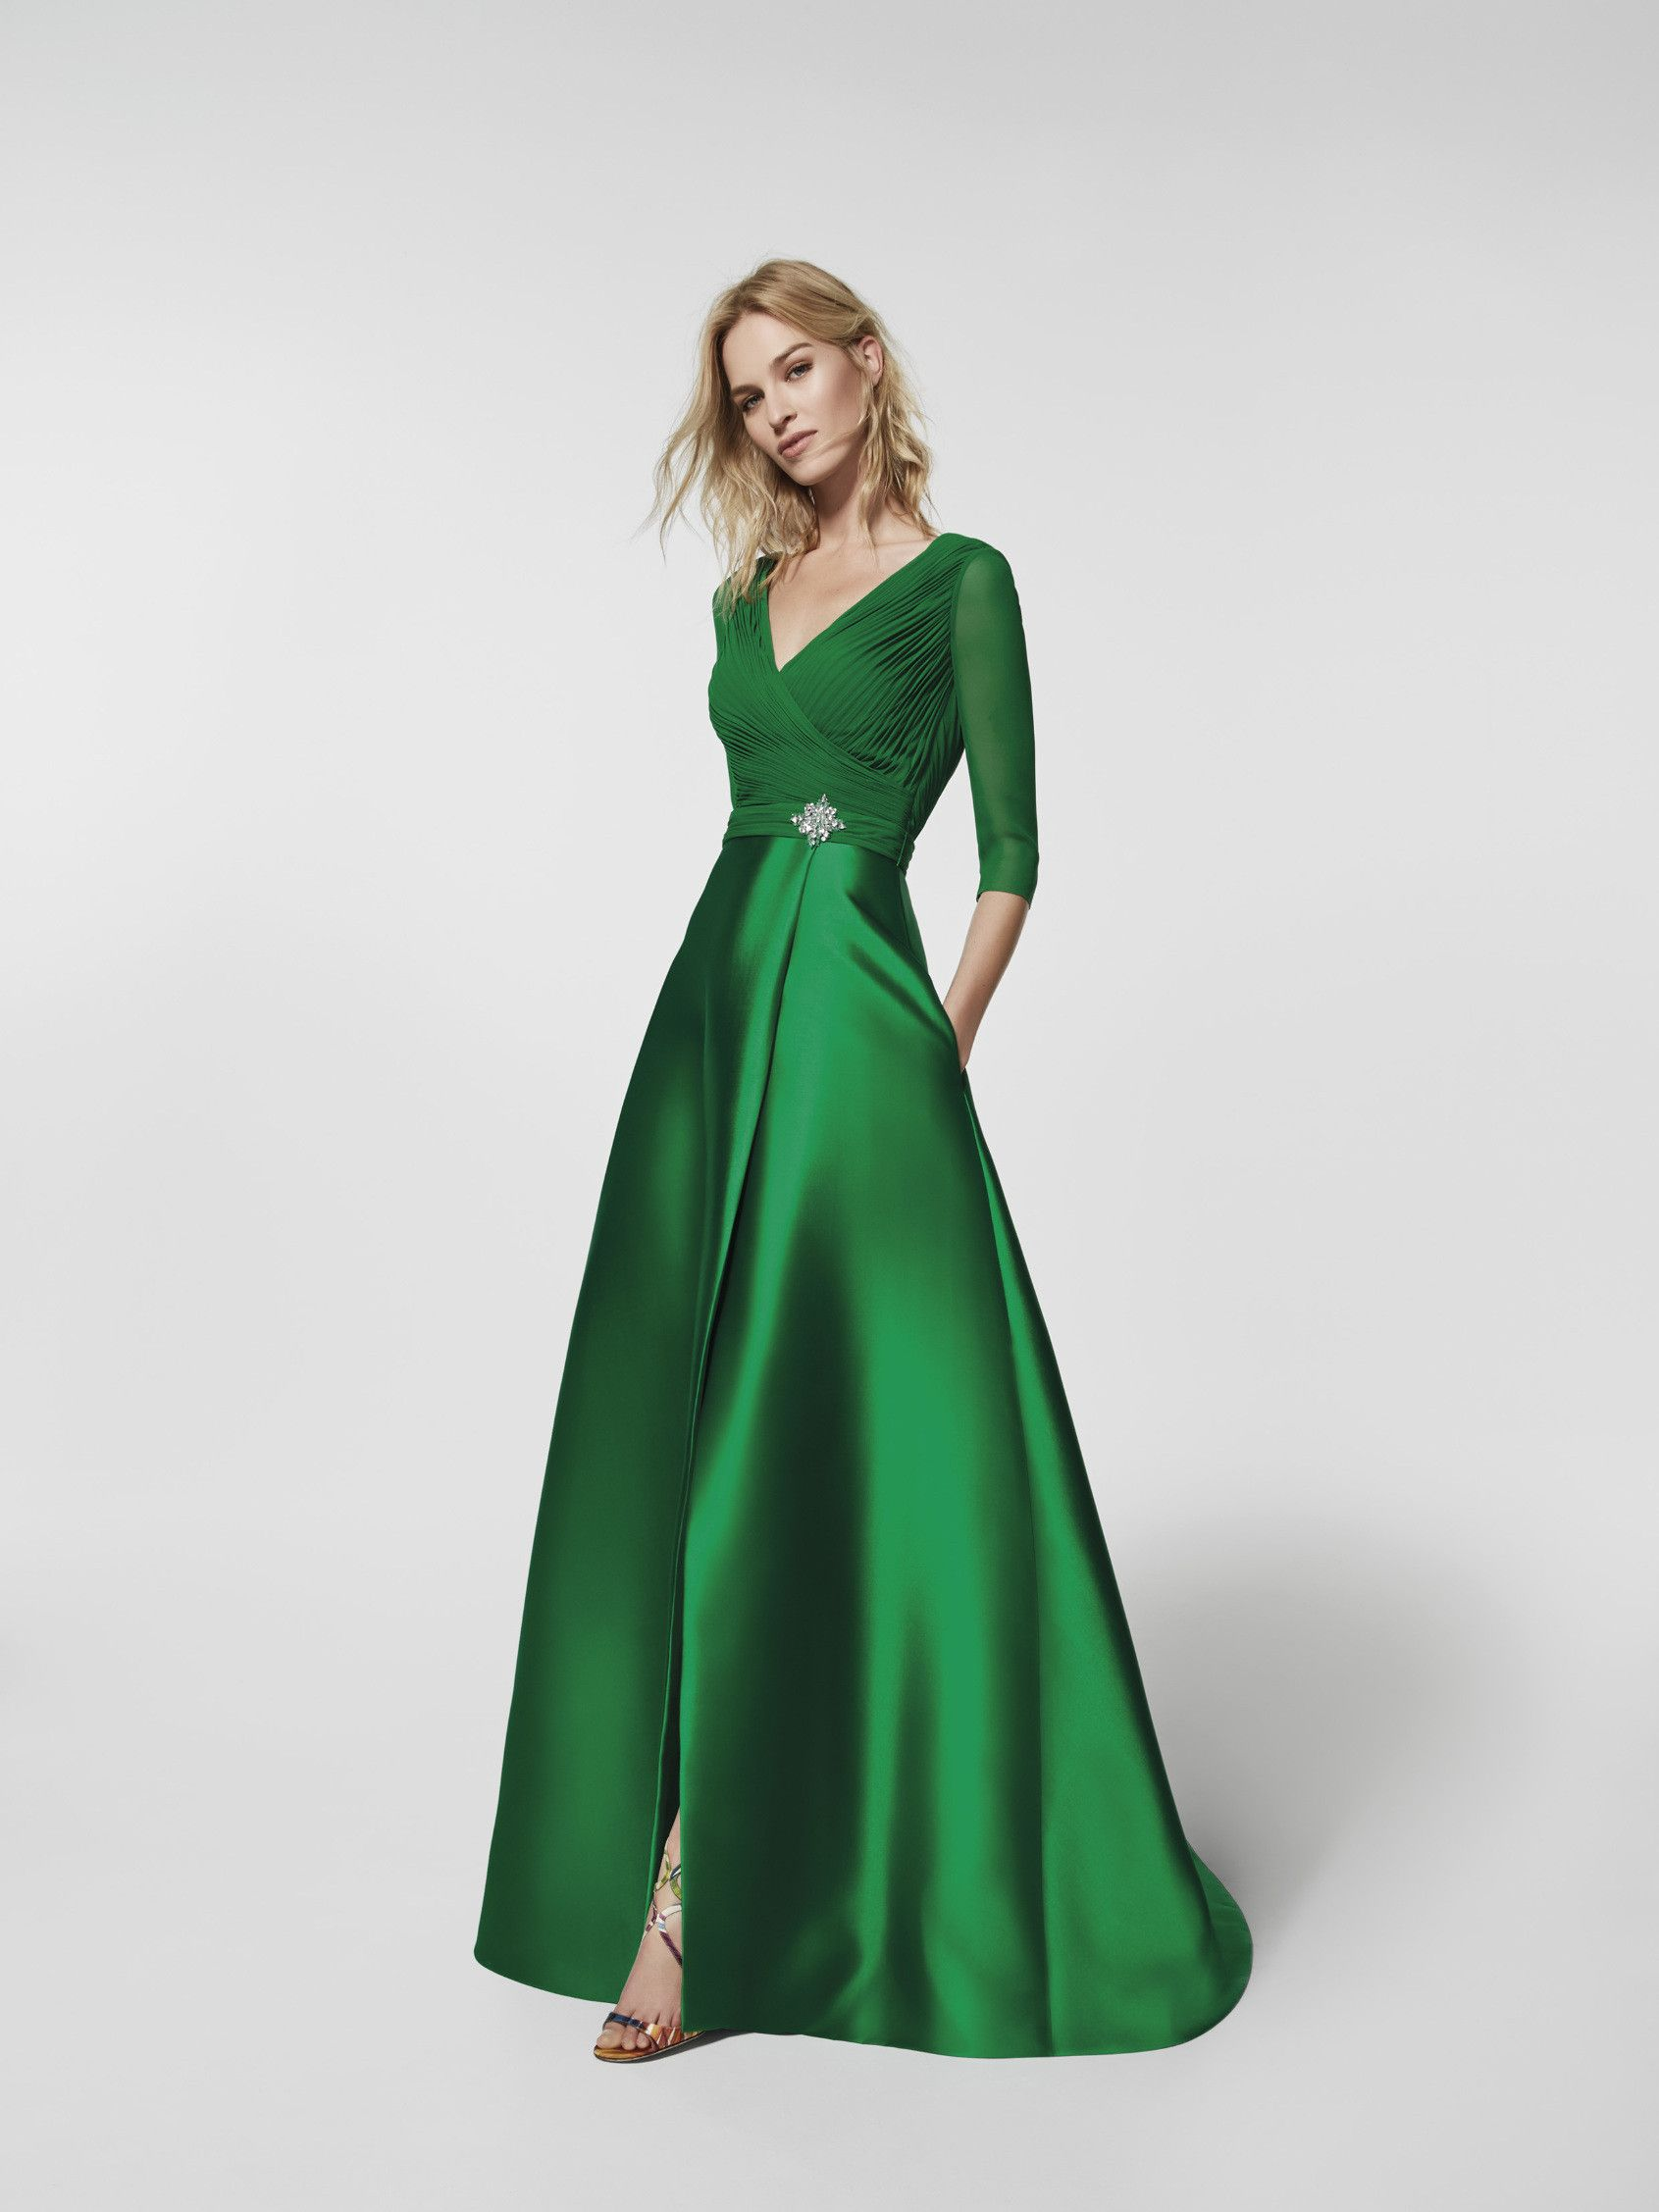 Vestiti di colore verde